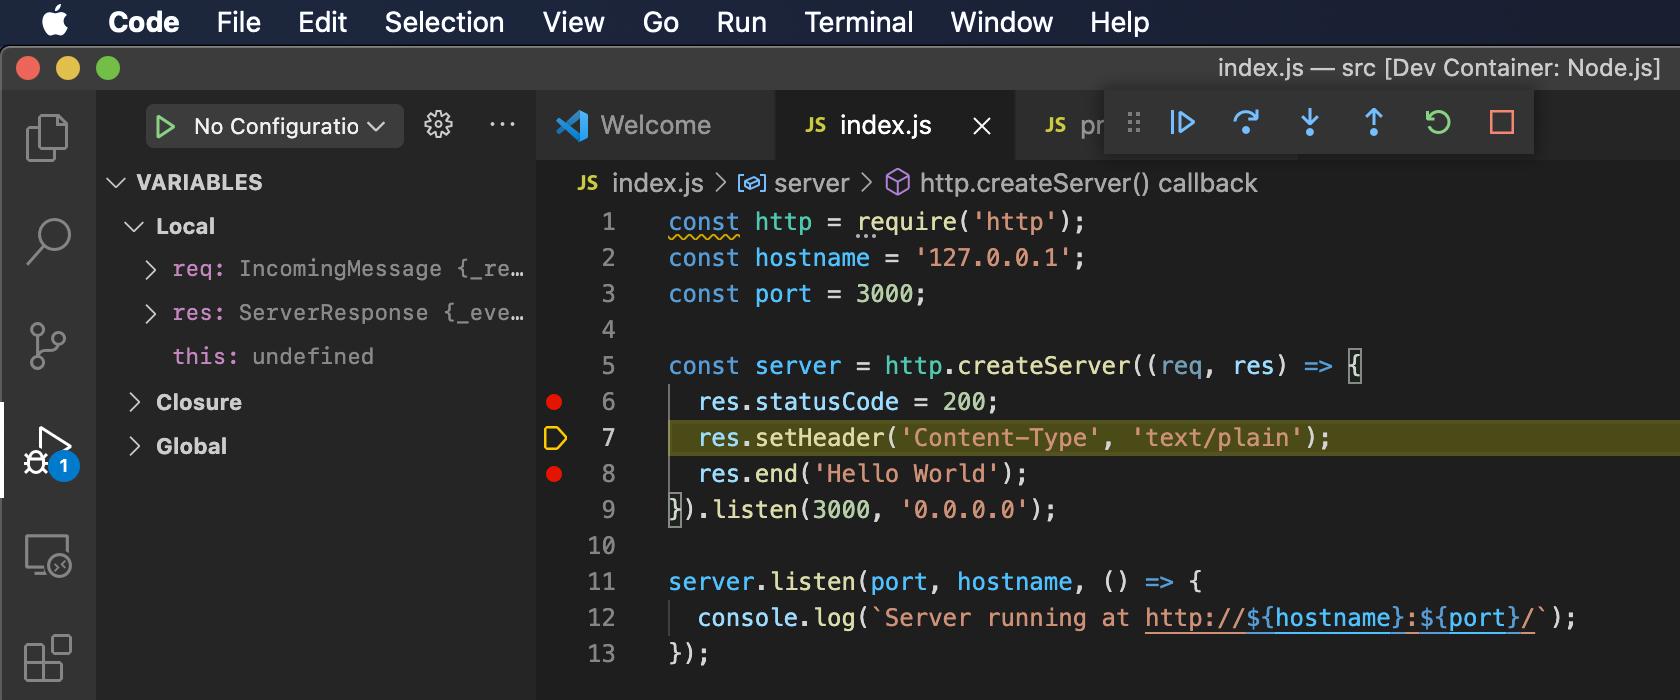 VScode remote debug step go